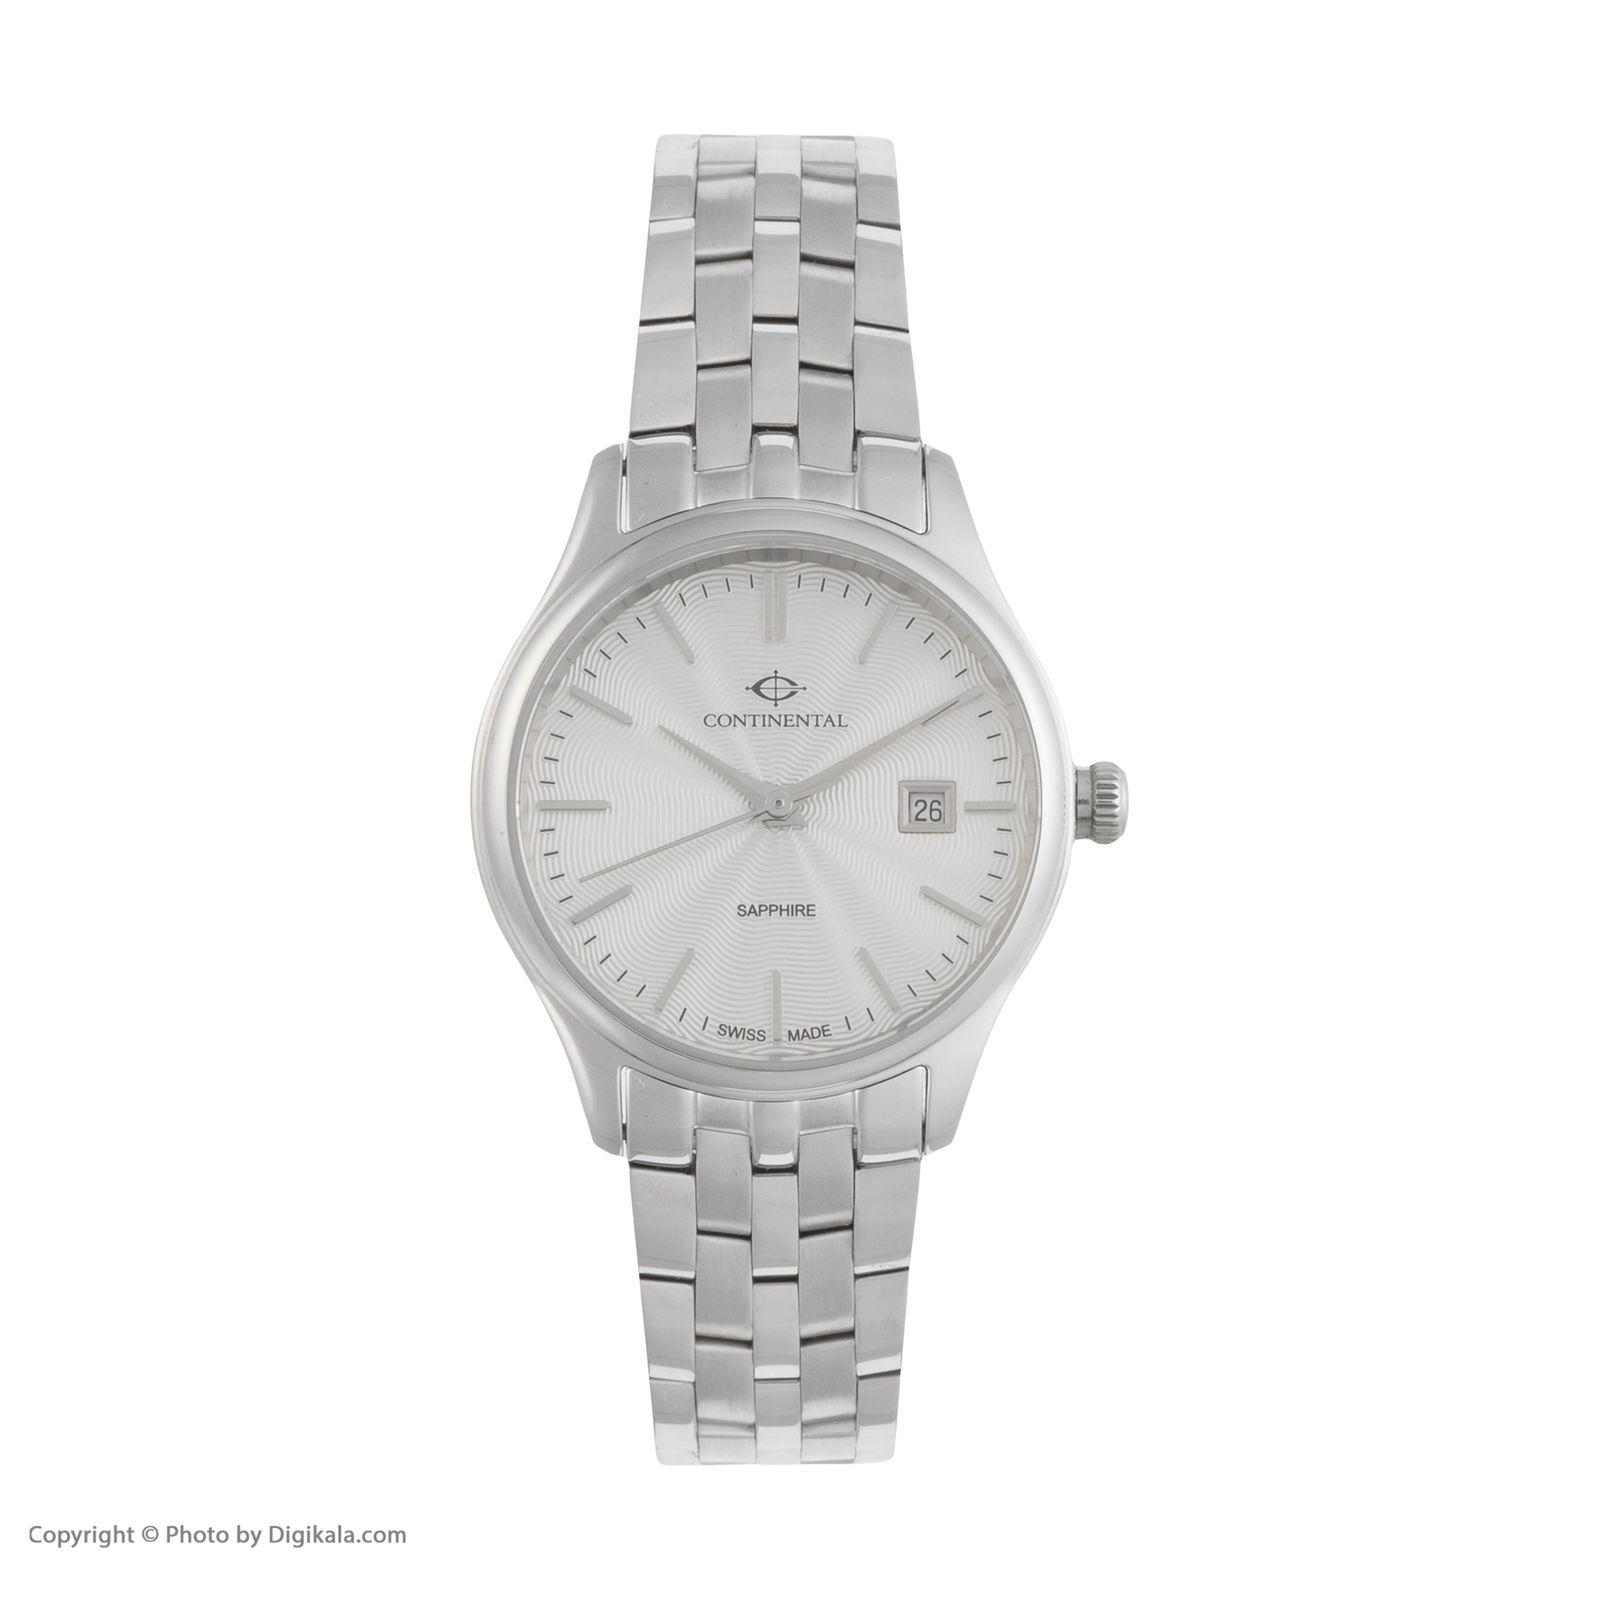 ساعت مچی عقربه ای زنانه کنتیننتال مدل 18102-LD101130 -  - 1